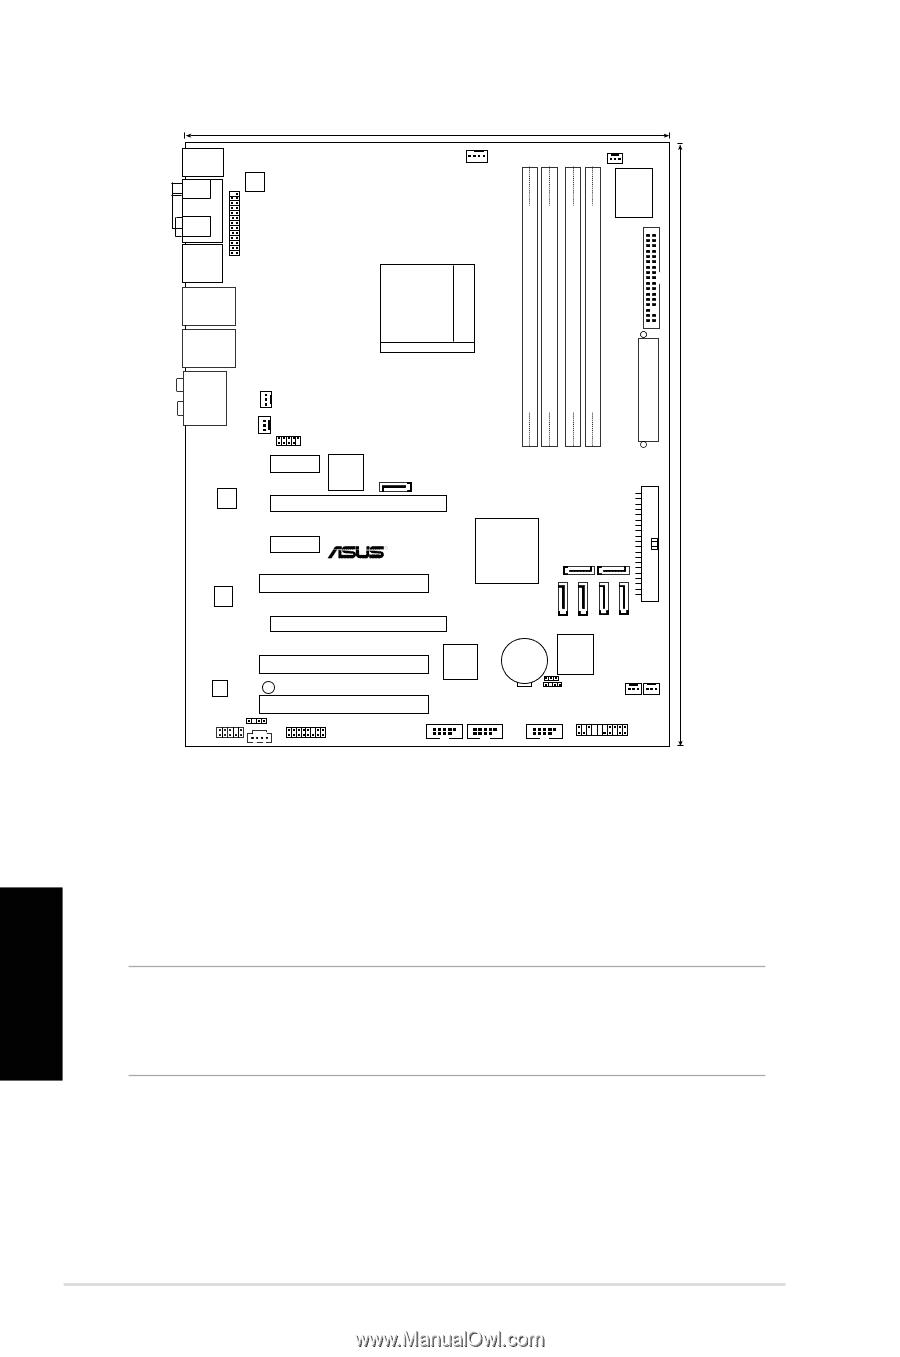 Asus M2n Sli Deluxe Manual Pdf